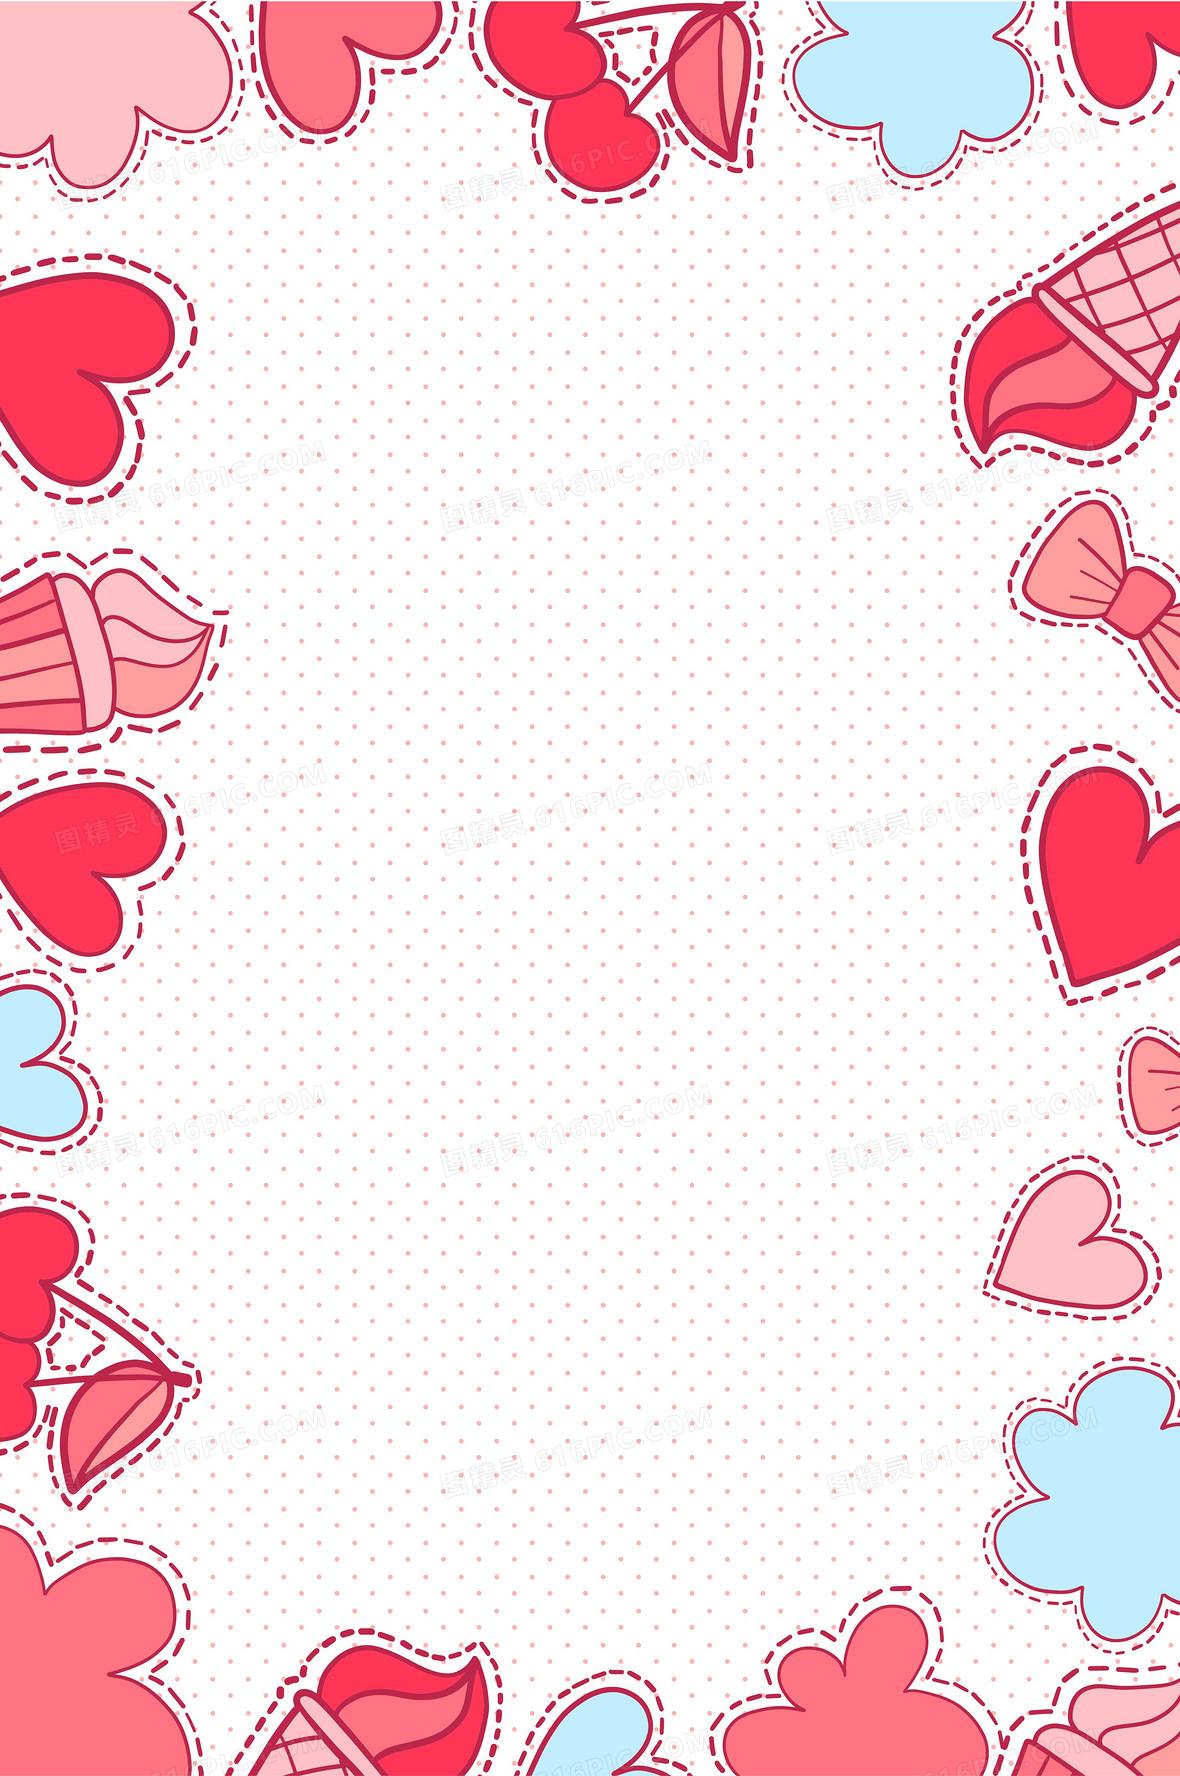 矢量卡通手绘心形蝴蝶结边框背景素材